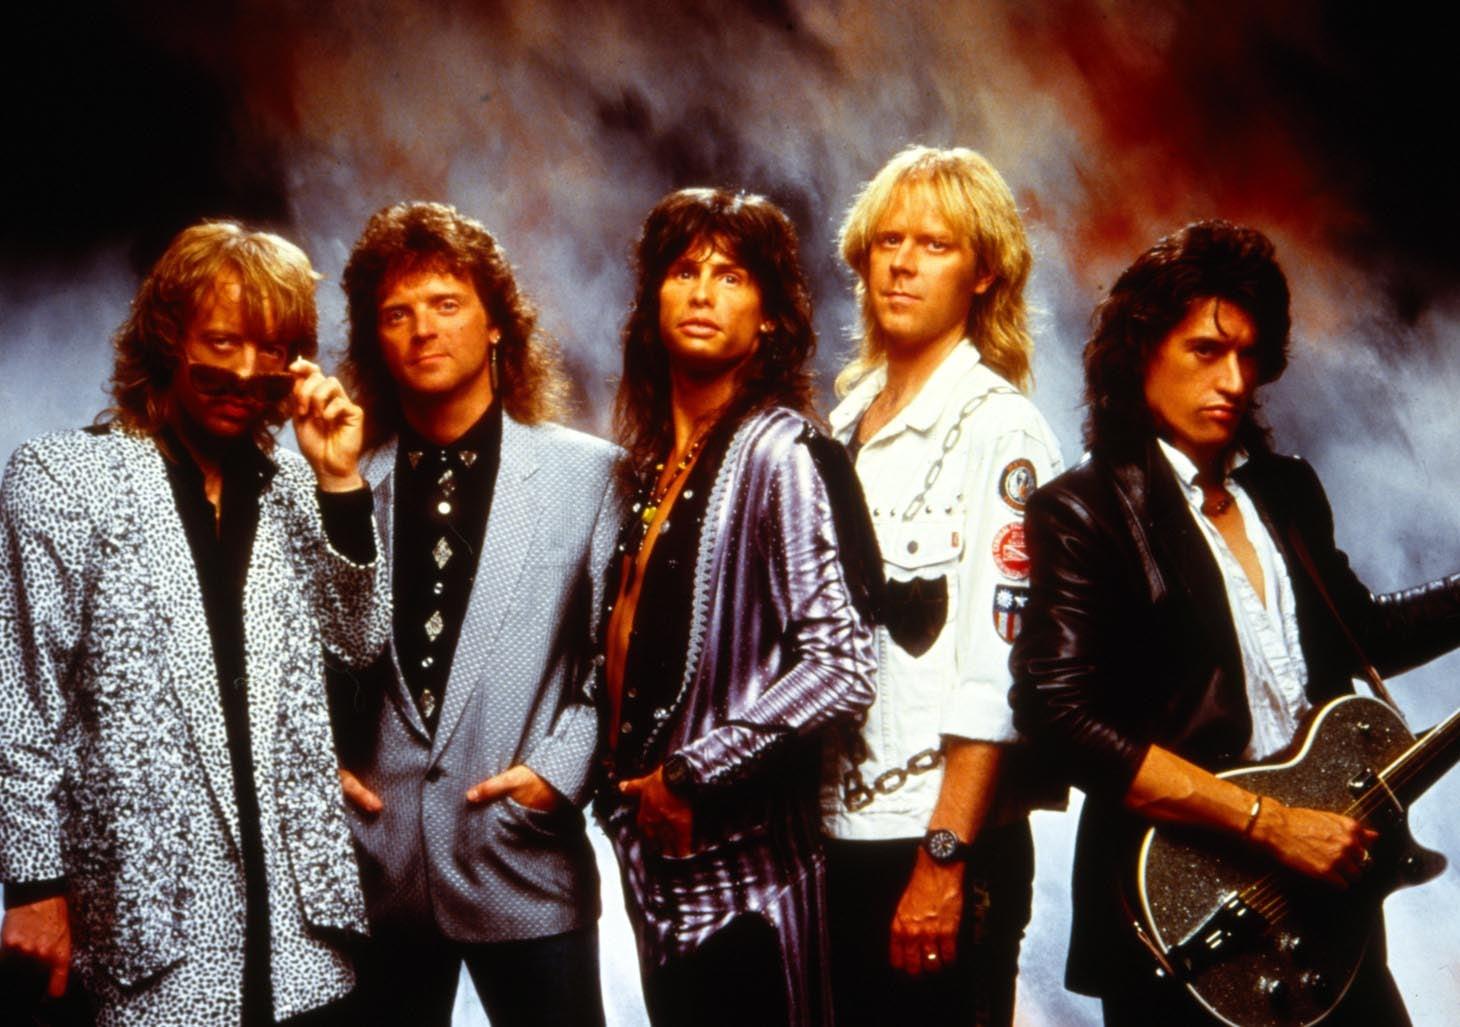 Aerosmith show off their hair